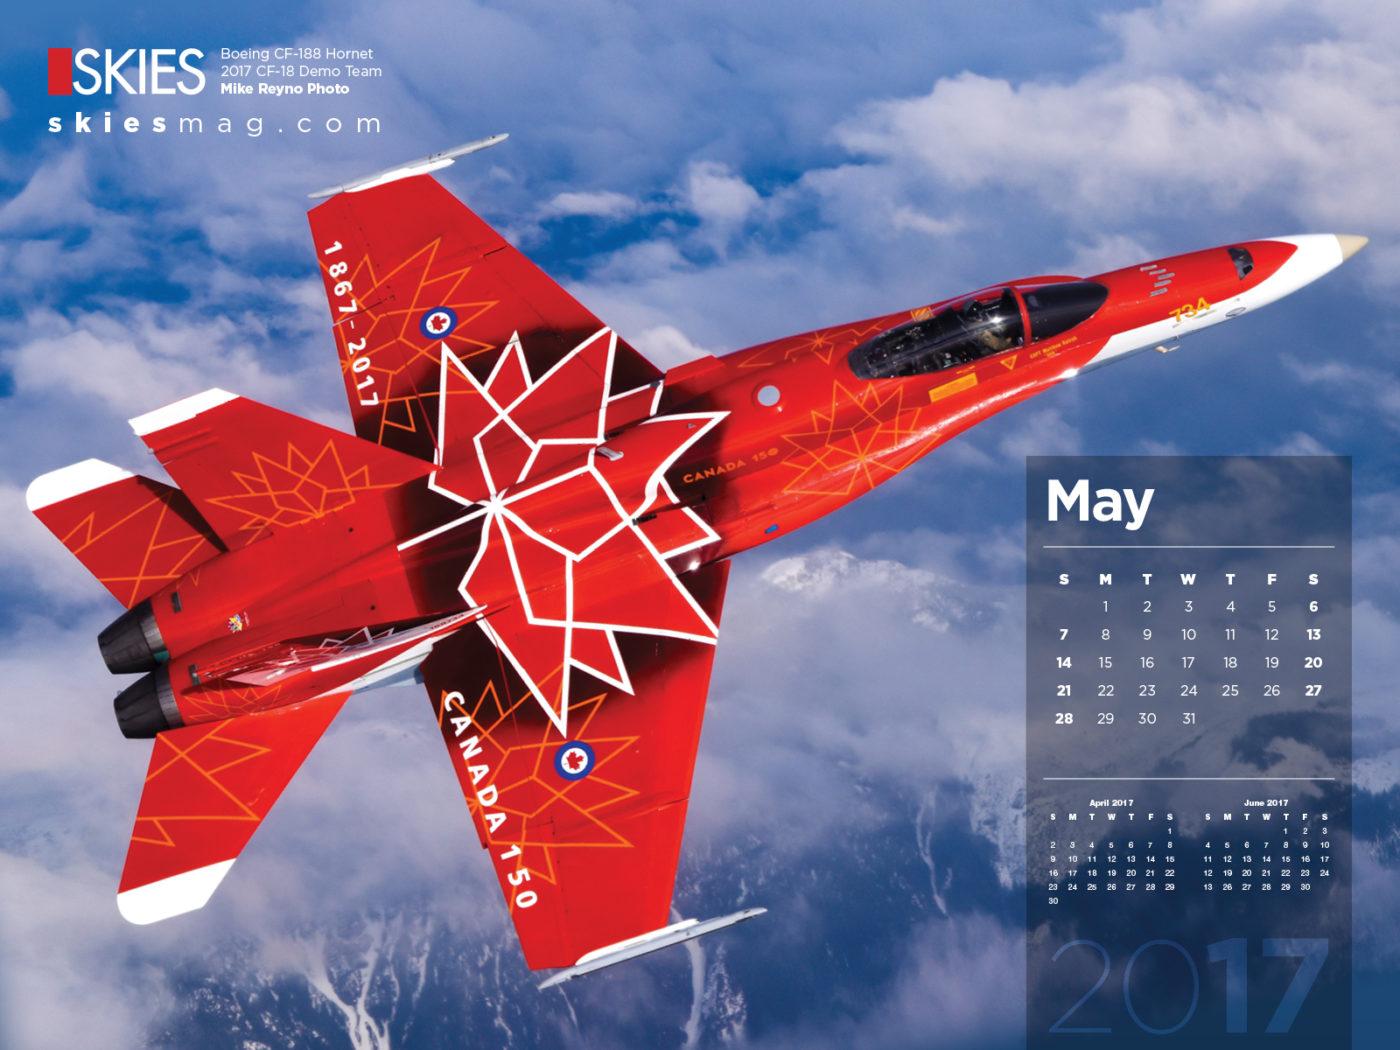 Skies calendar for May